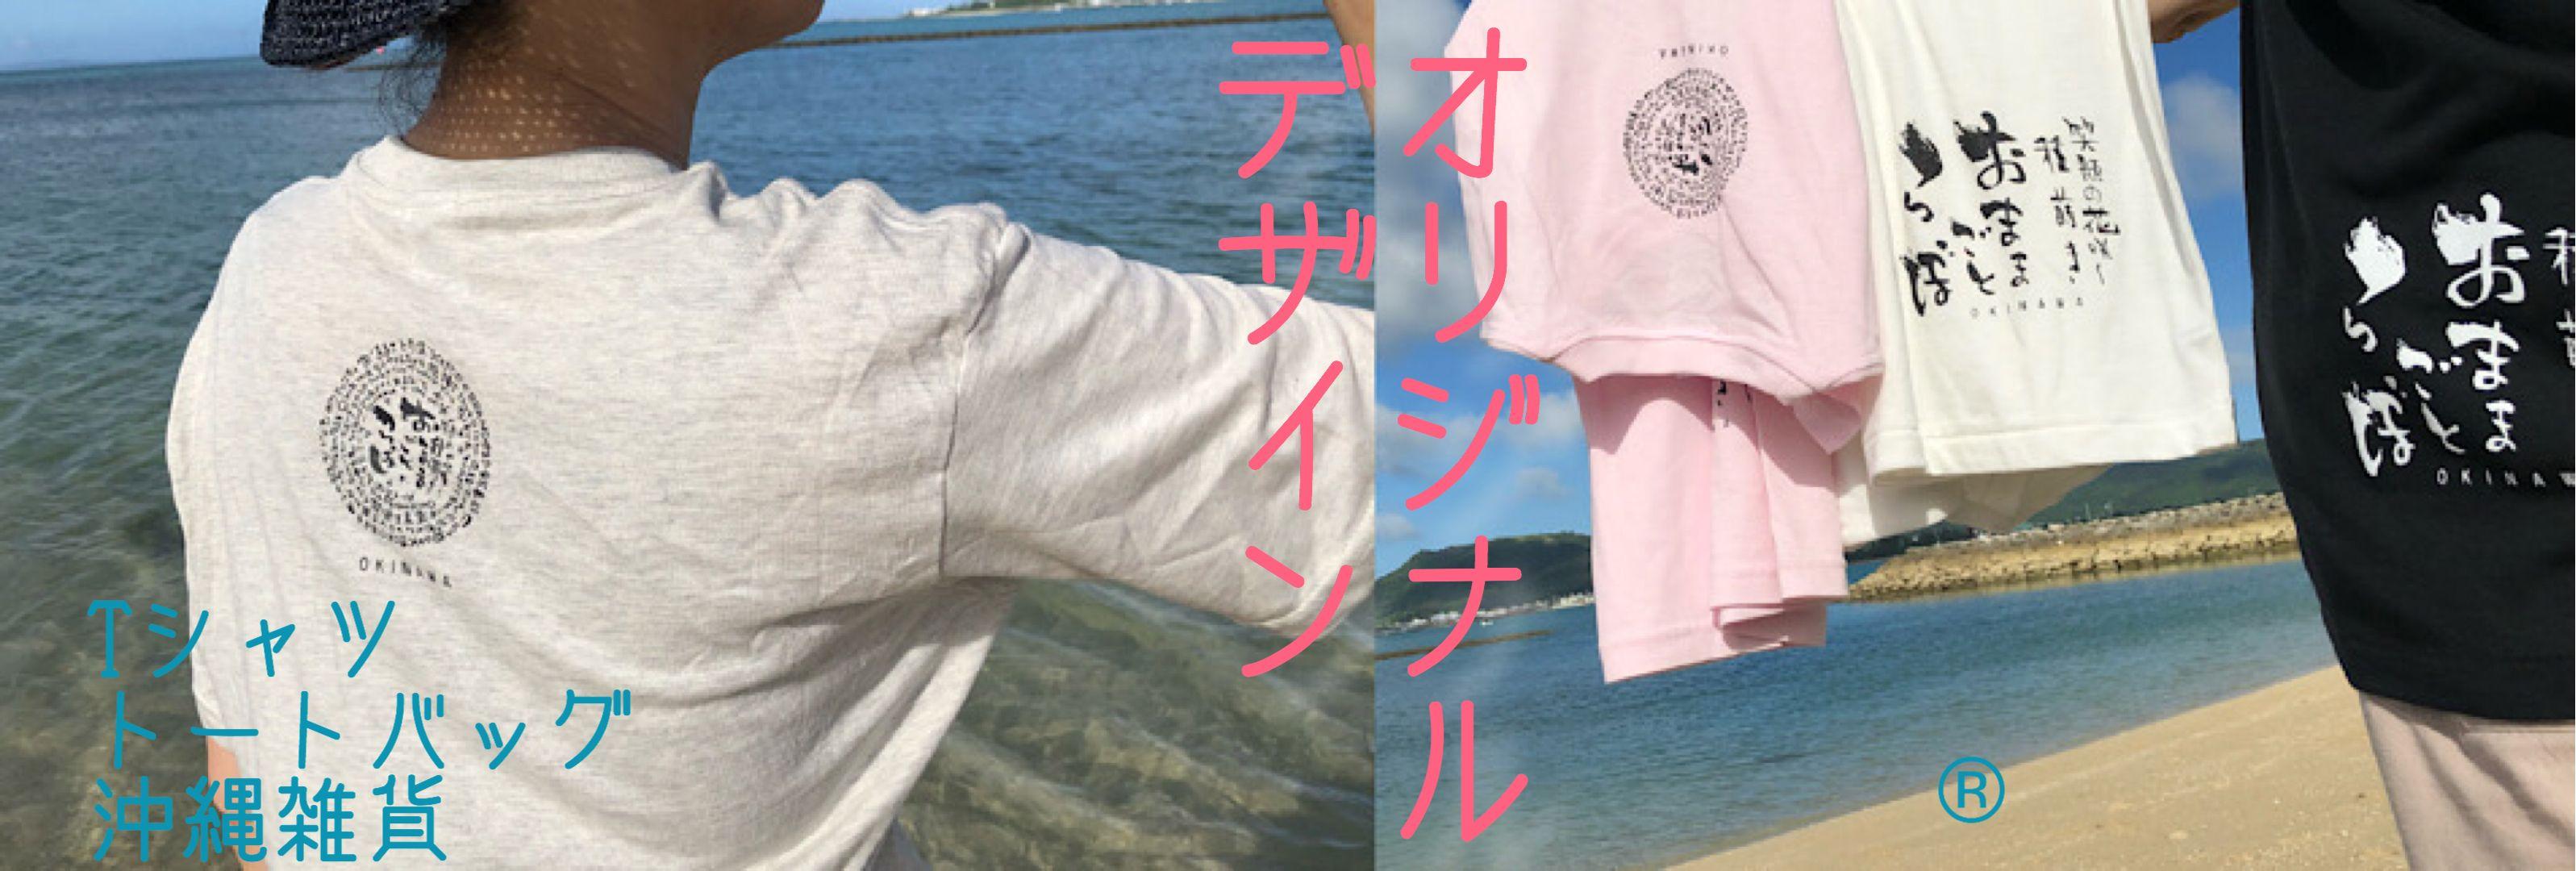 沖縄/手作り雑貨/筆文字アート/ワークショップ他